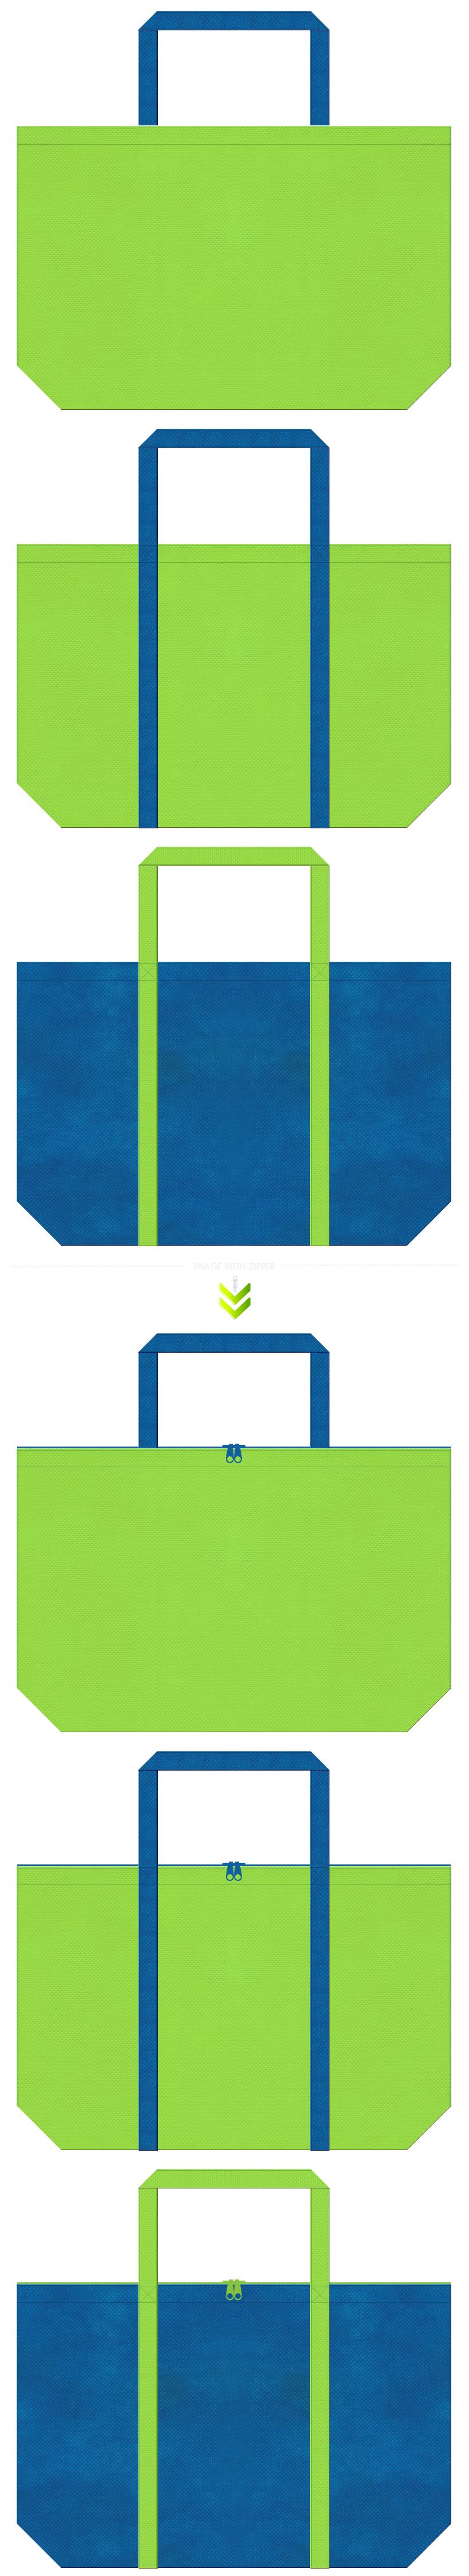 黄緑色と青色の不織布エコバッグのデザイン。ランドリーバッグにお奨めです。